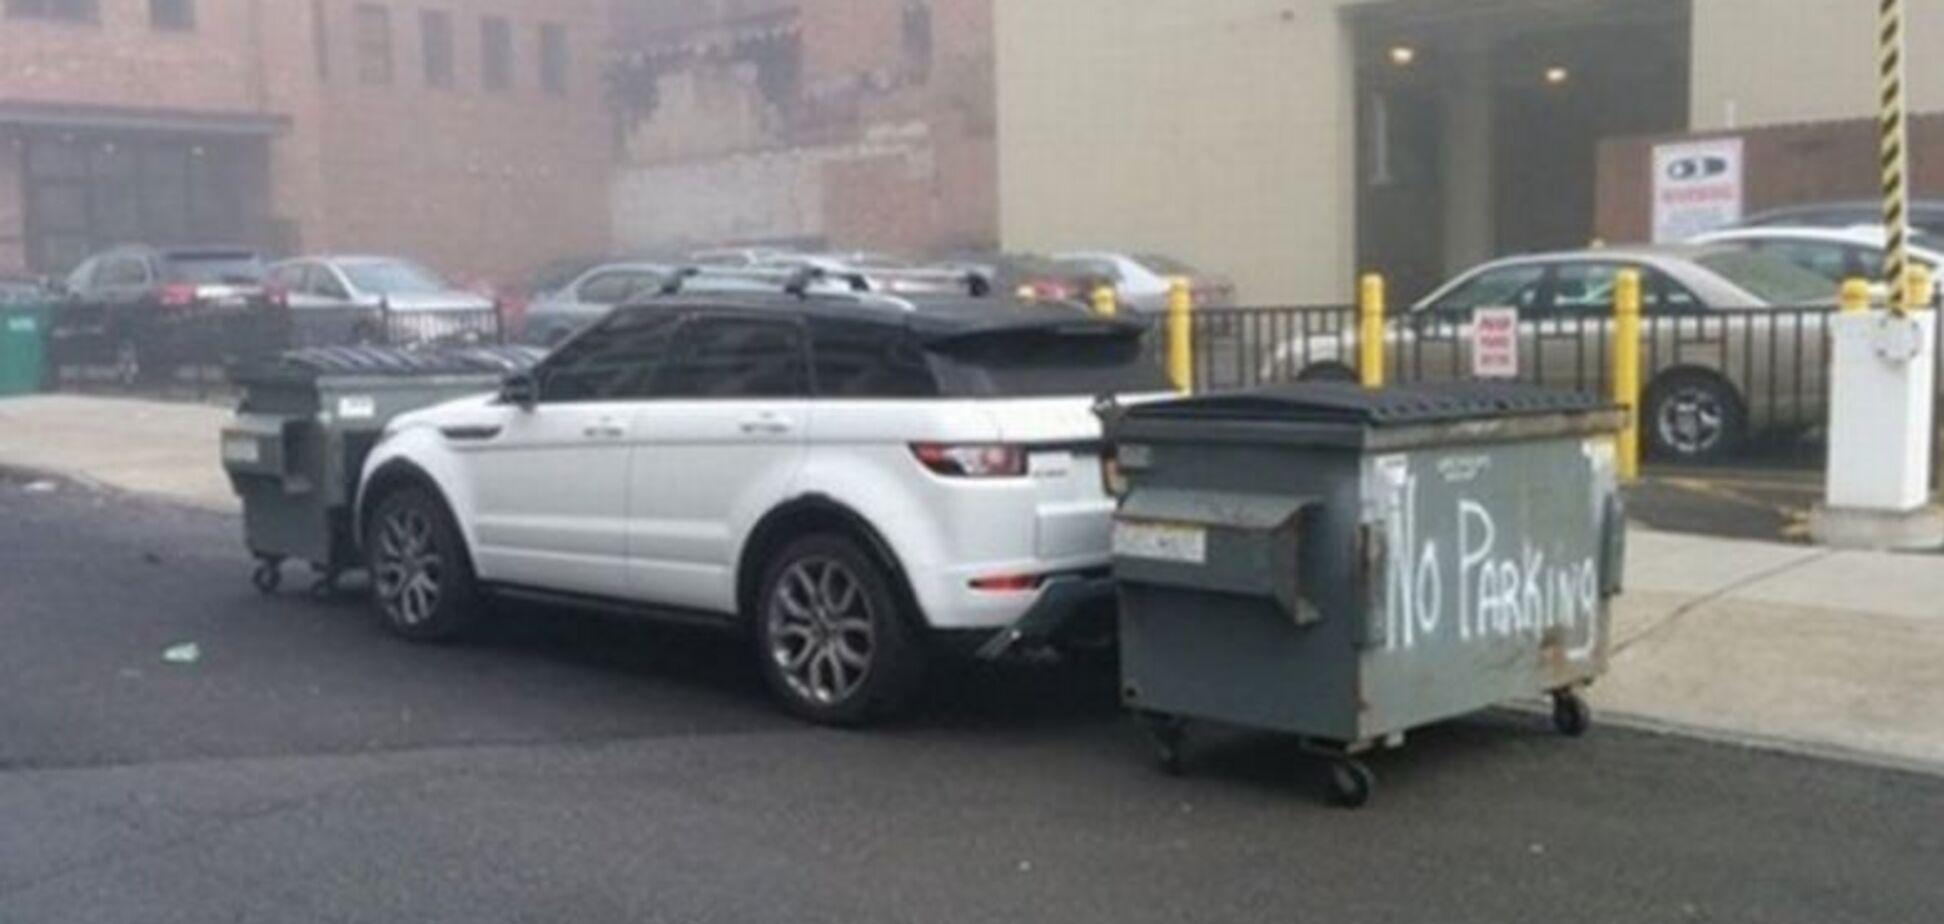 Найжорсткіші випадки покарання героїв парковки: шокуючі фото